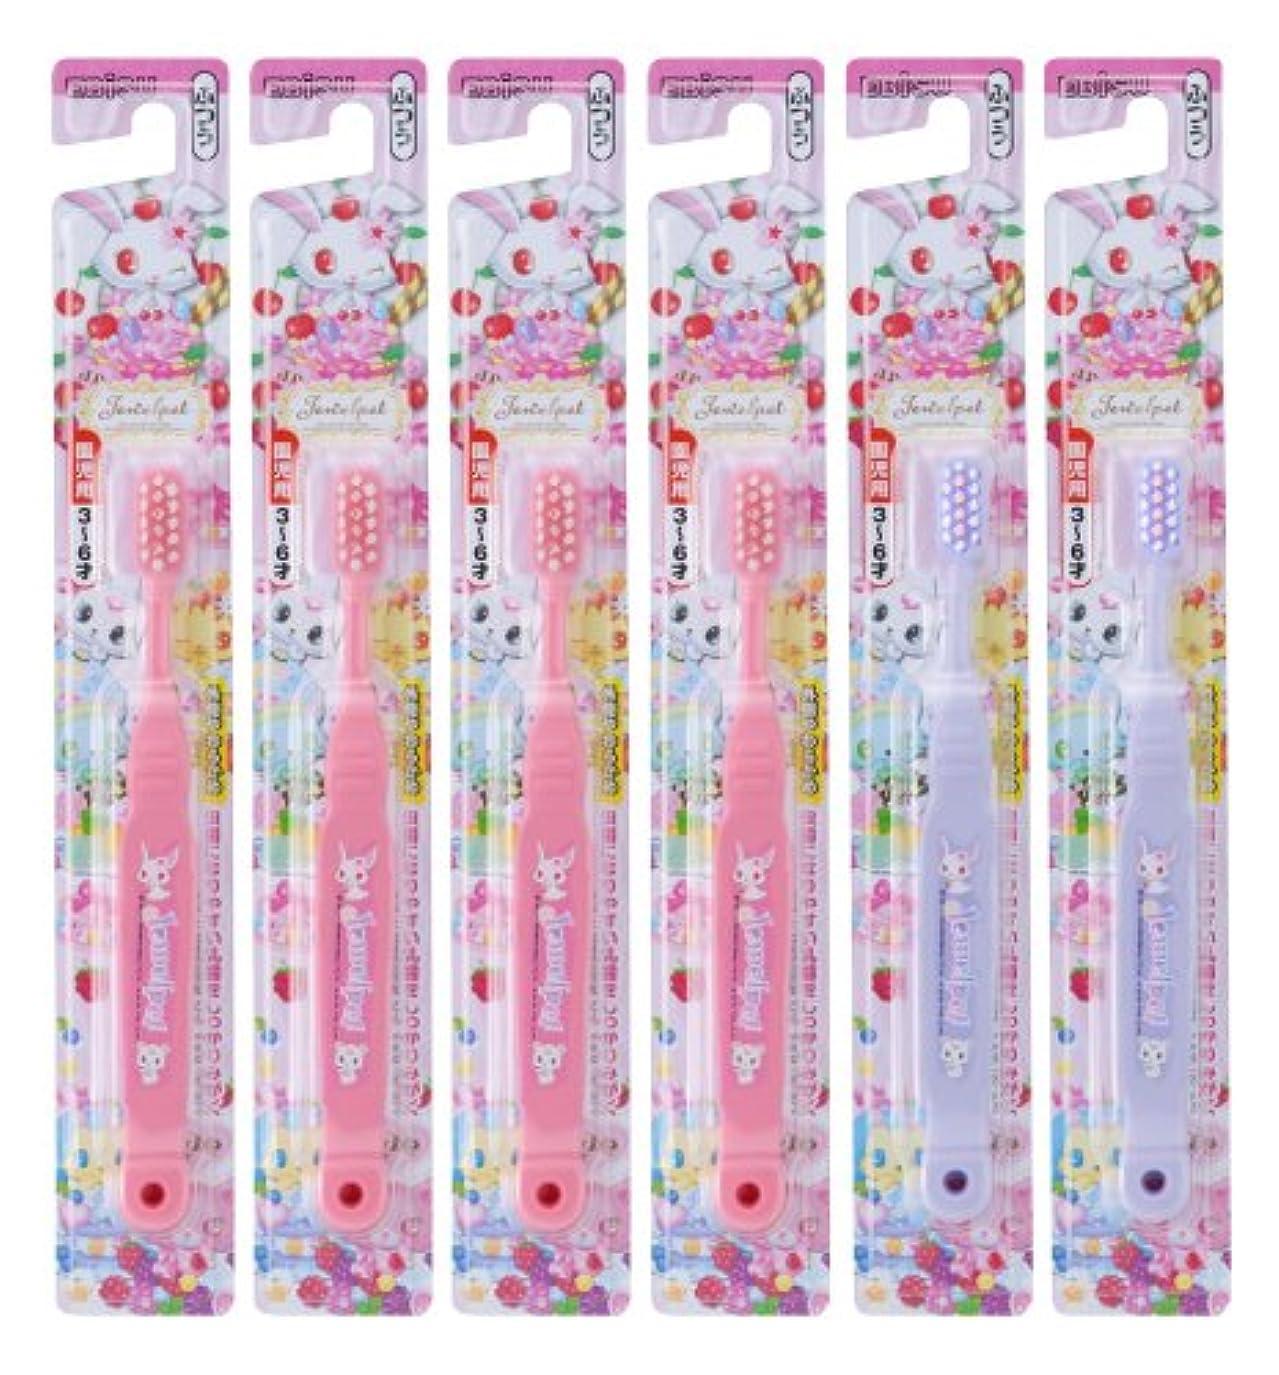 敷居コンピューターを使用するピンクエビス ジュエルペット ハブラシ 3~6才 6本組 (色おまかせ)